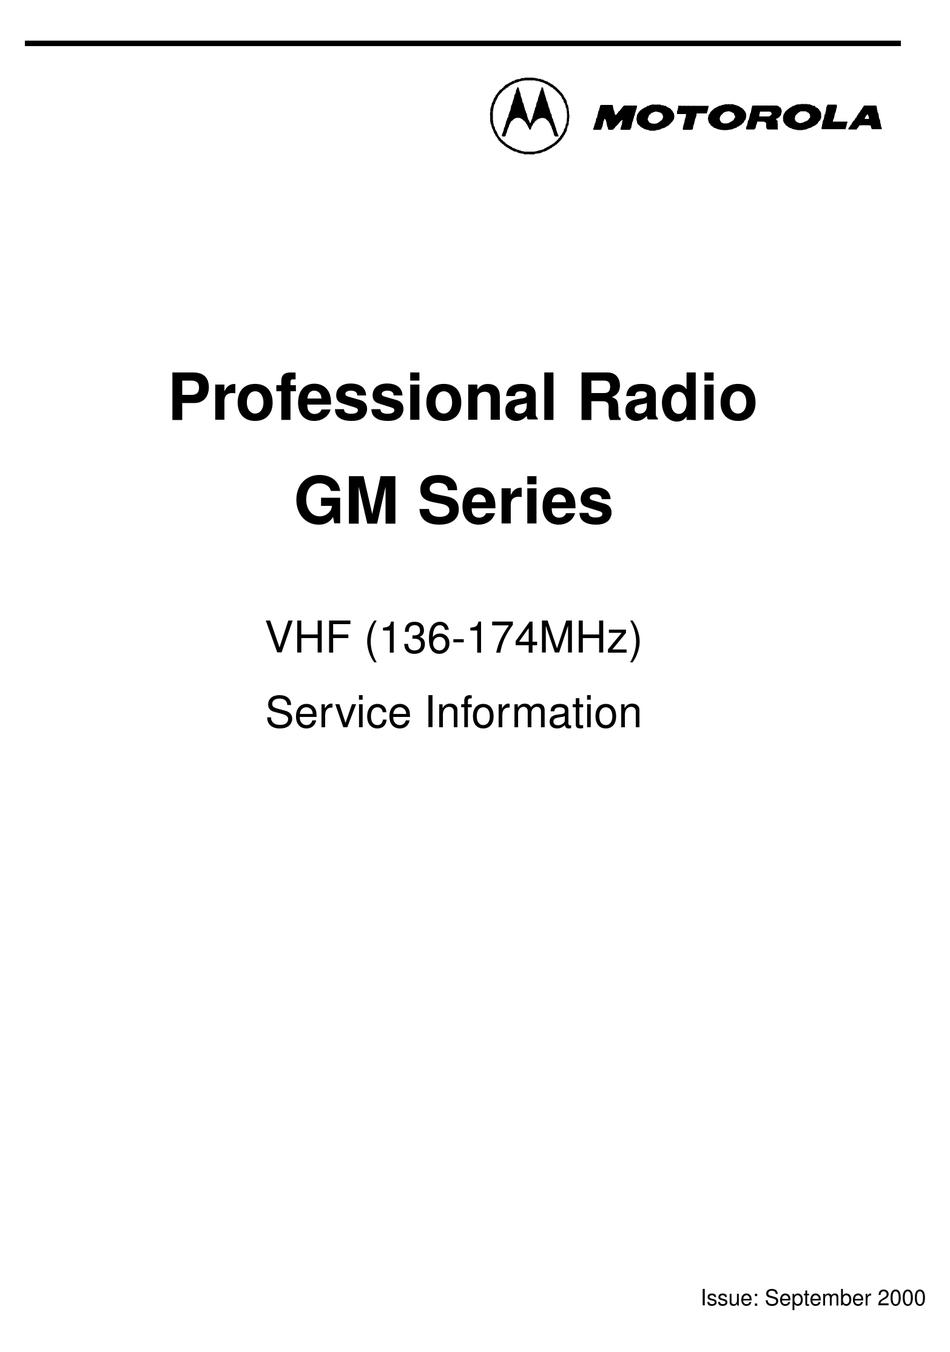 MOTOROLA GM SERIES SERVICE INFORMATION Pdf Download